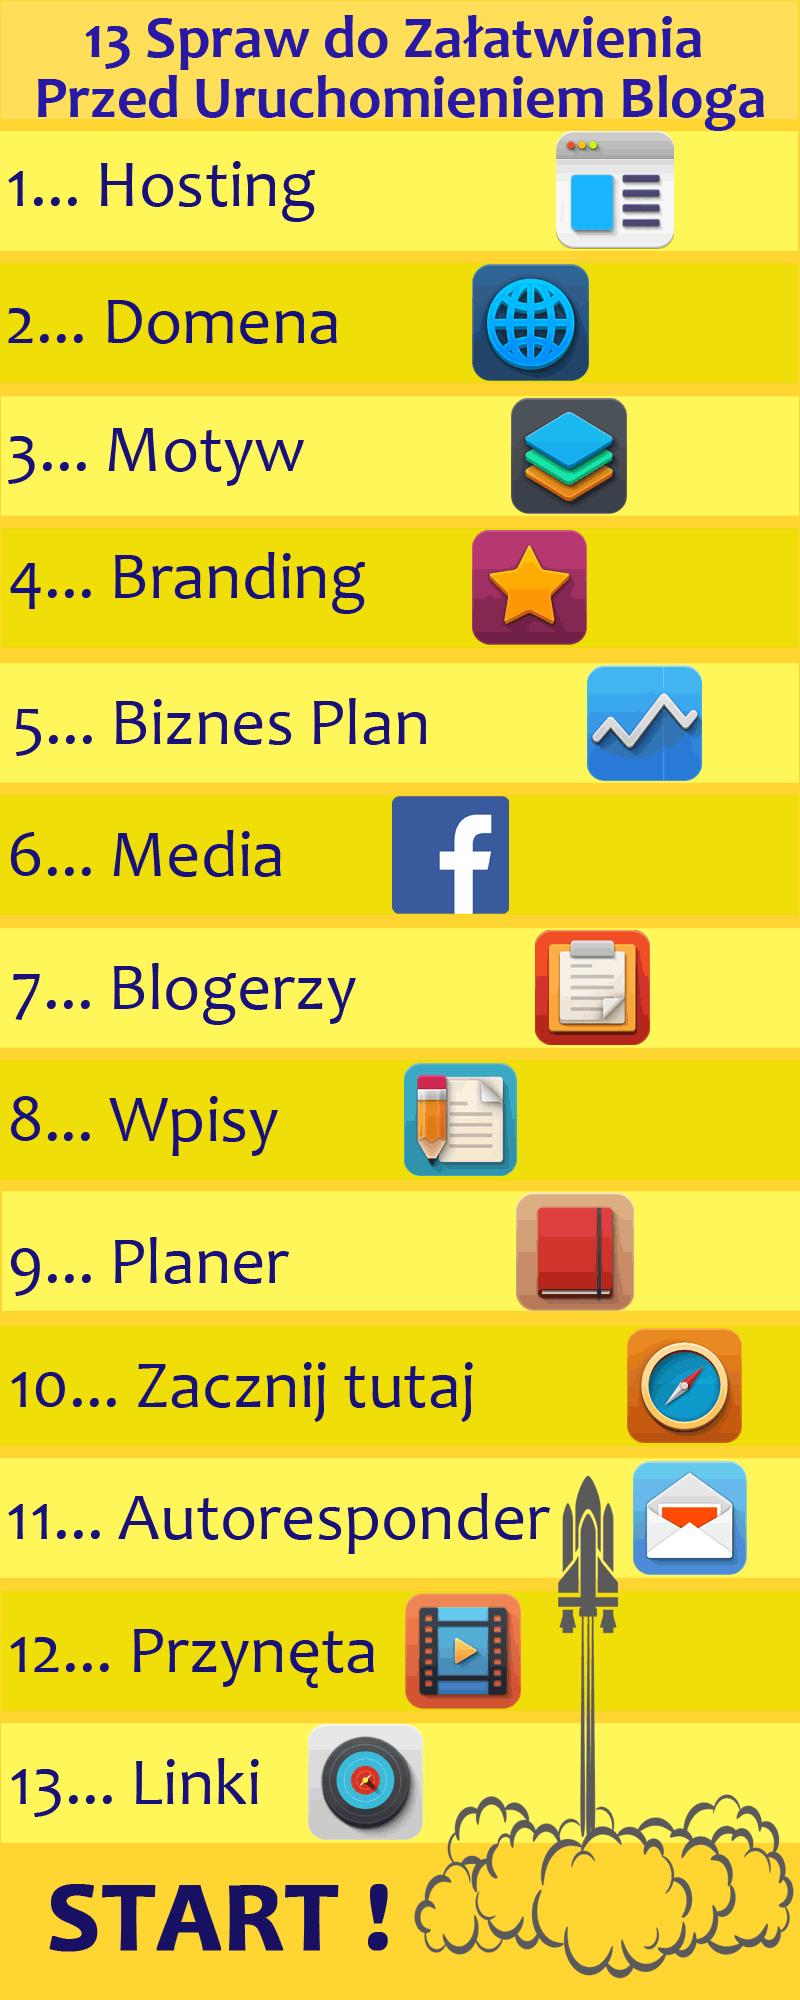 13 spraw do załatwienia przed uruchomieniem bloga